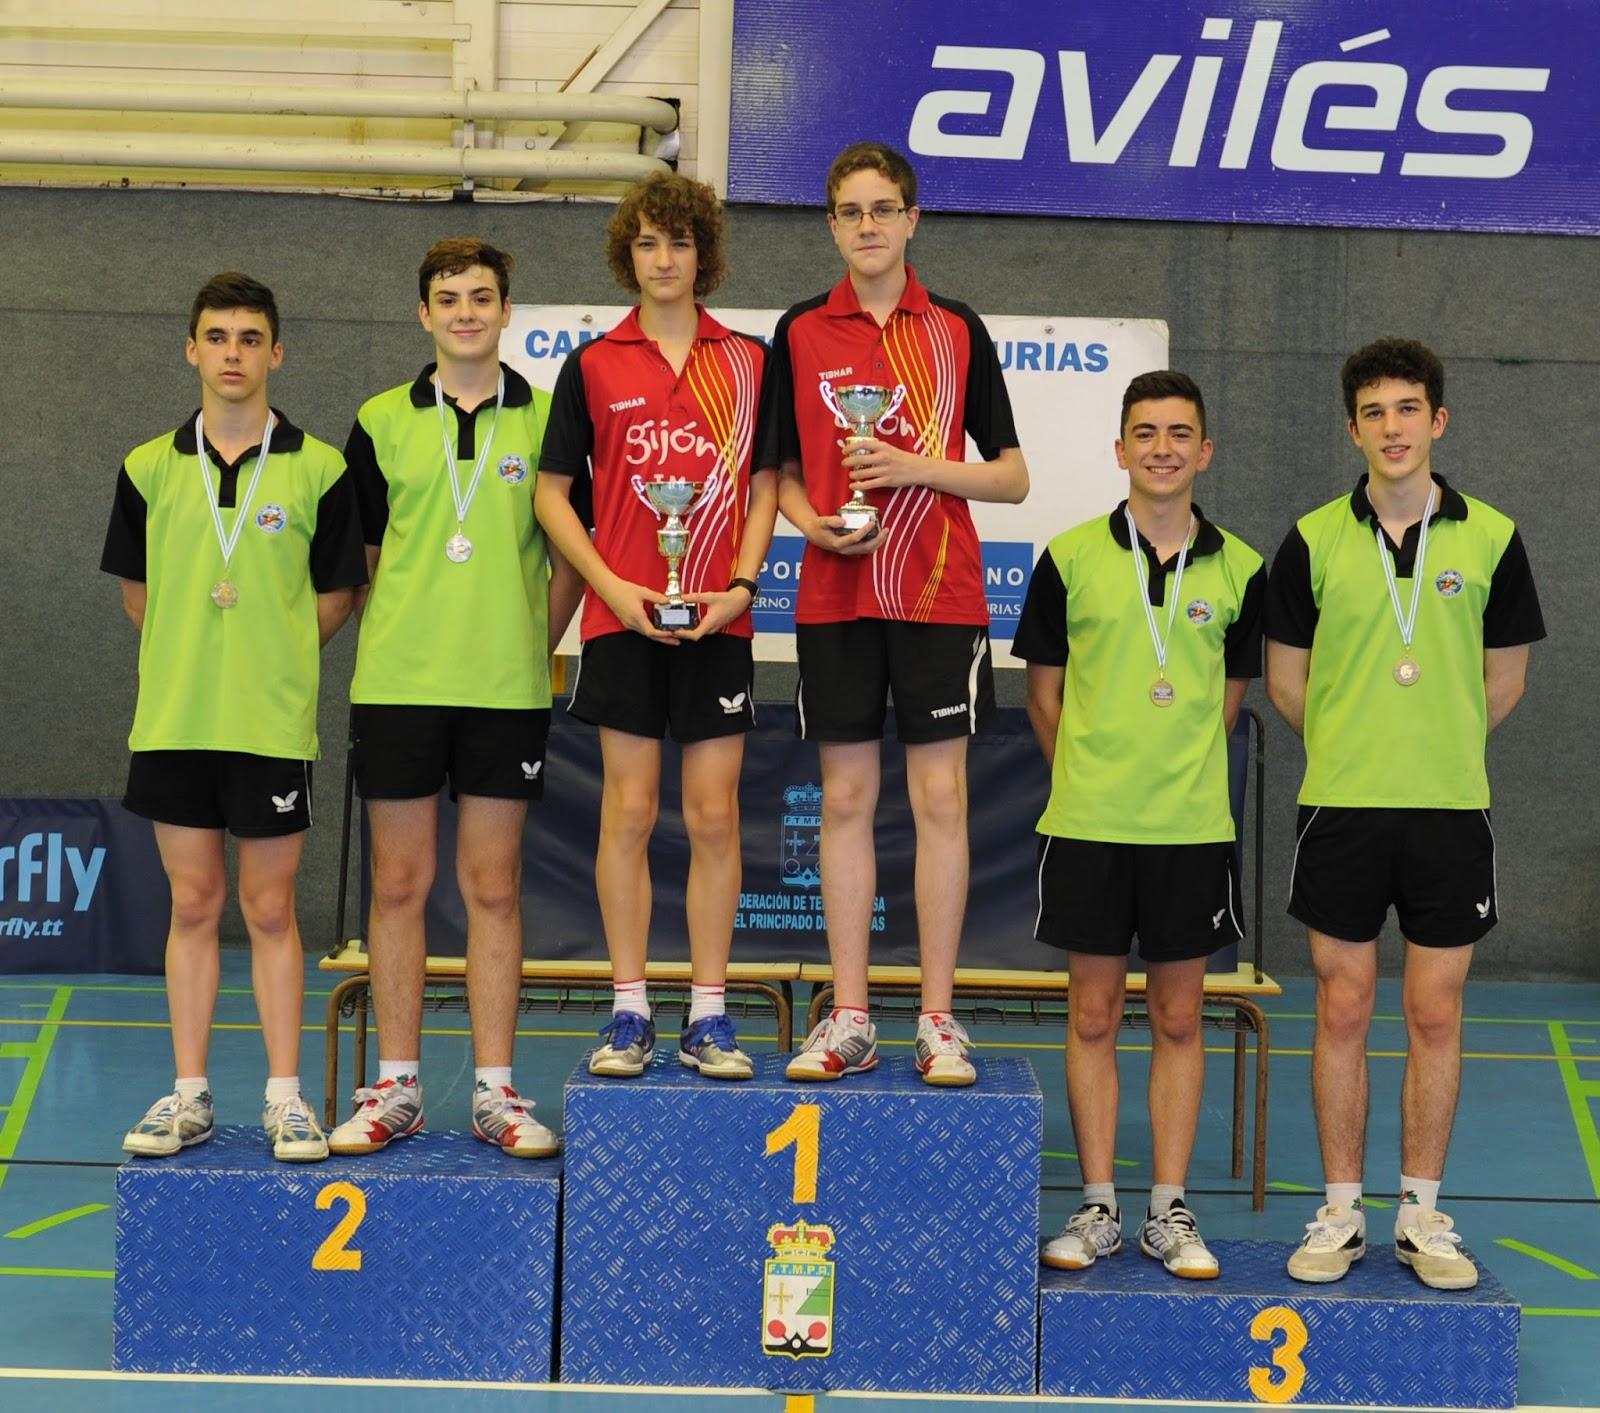 Federaci n de tenis de mesa del principado de asturias campeonato de asturias juvenil - Aviles tenis de mesa ...